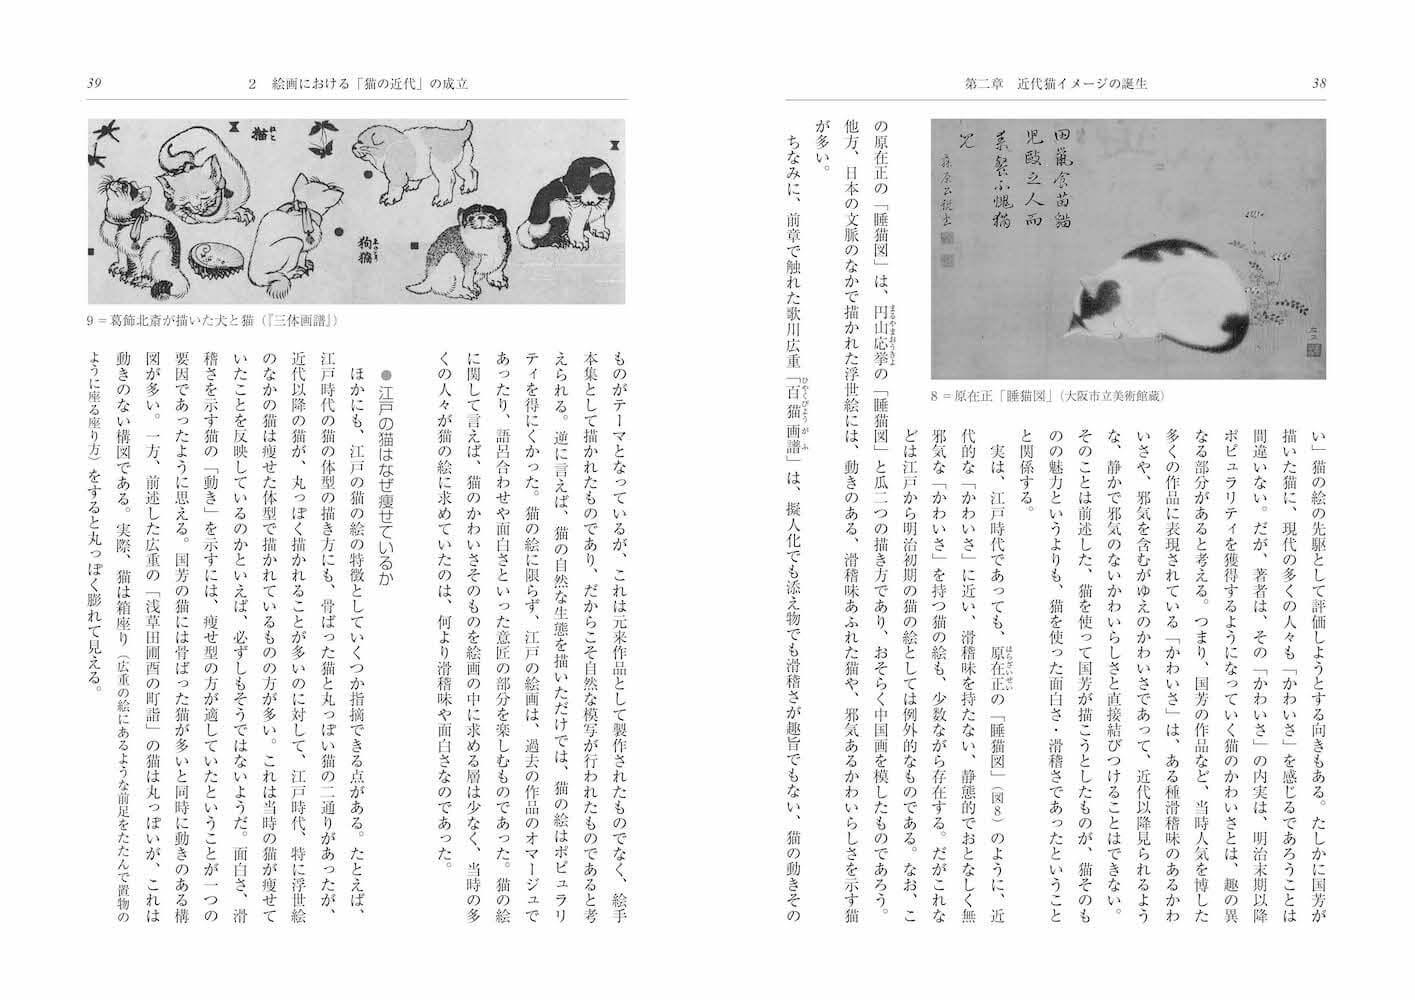 書籍『猫が歩いた近現代―化け猫が家族になるまで―』の第二章、近代猫イメージの誕生―猫が「主役」になるまで